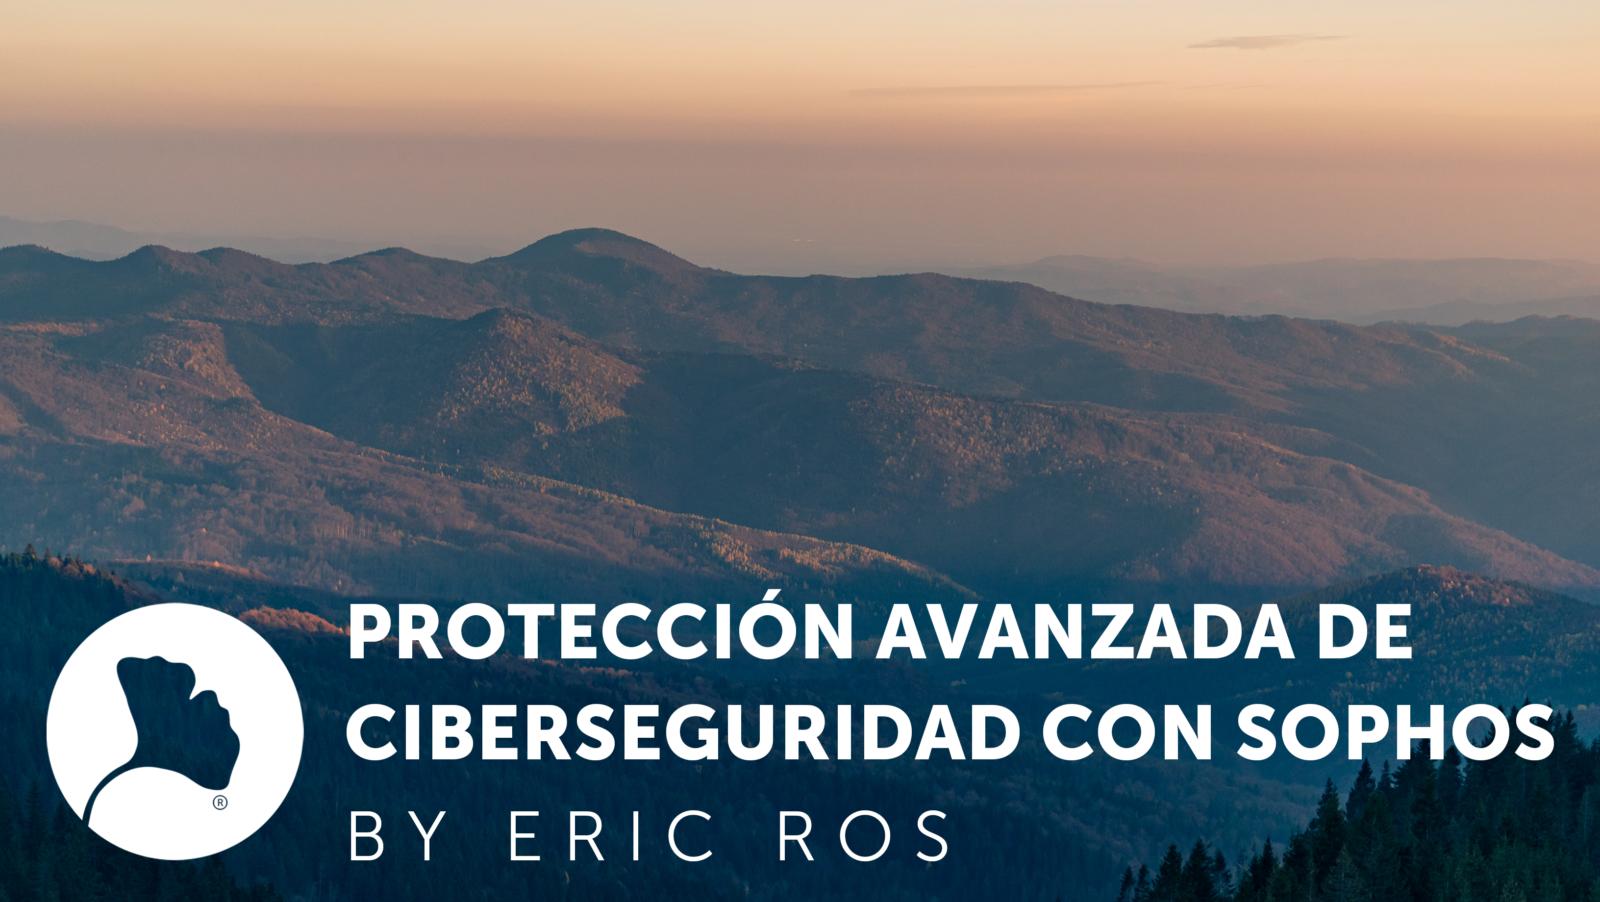 Protección avanzada de Ciberseguridad con Sophos